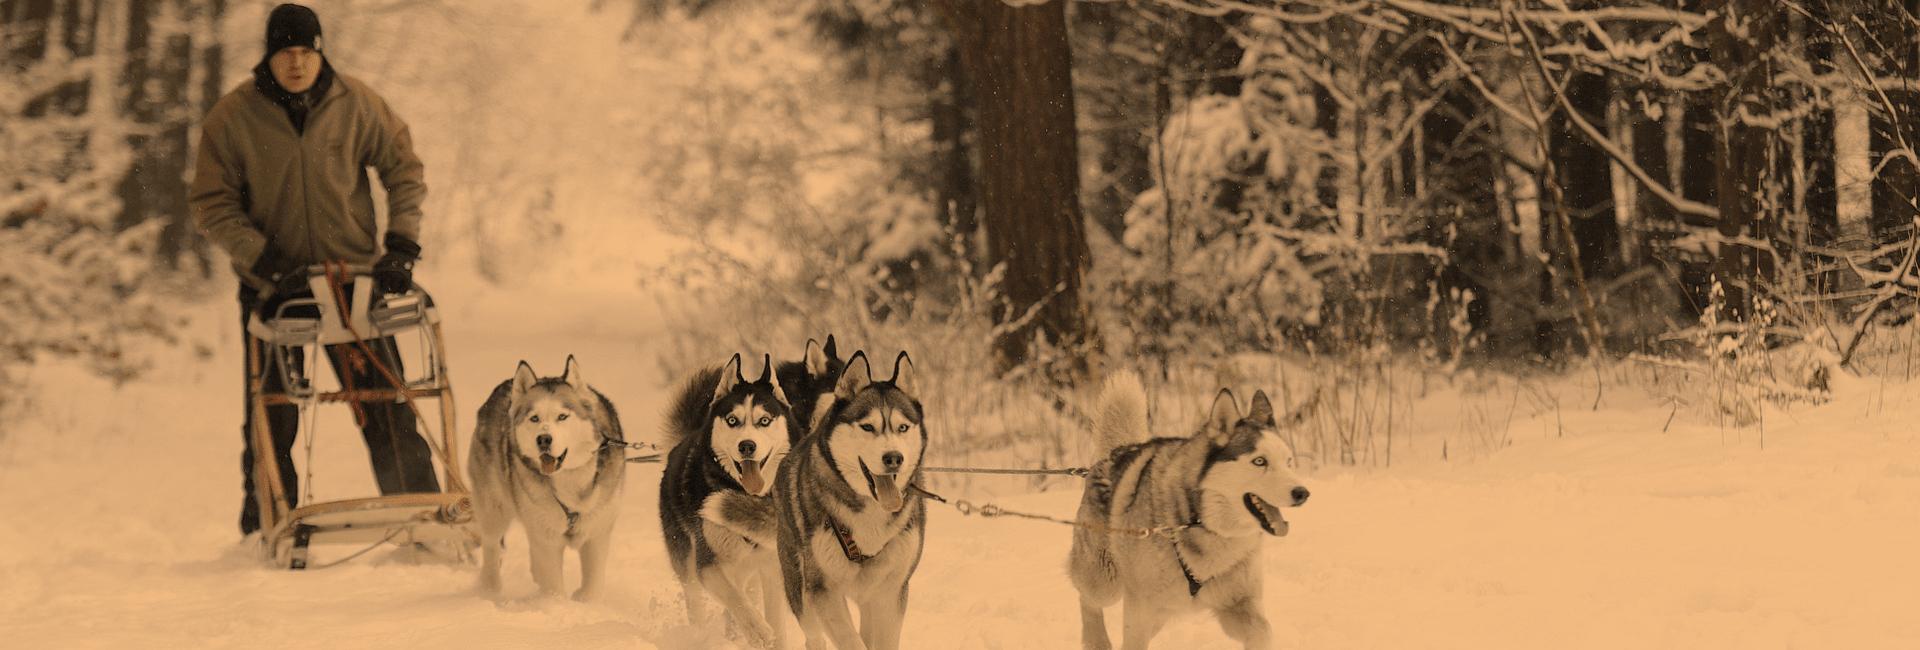 Тур на собачьих упряжках (3 дня)